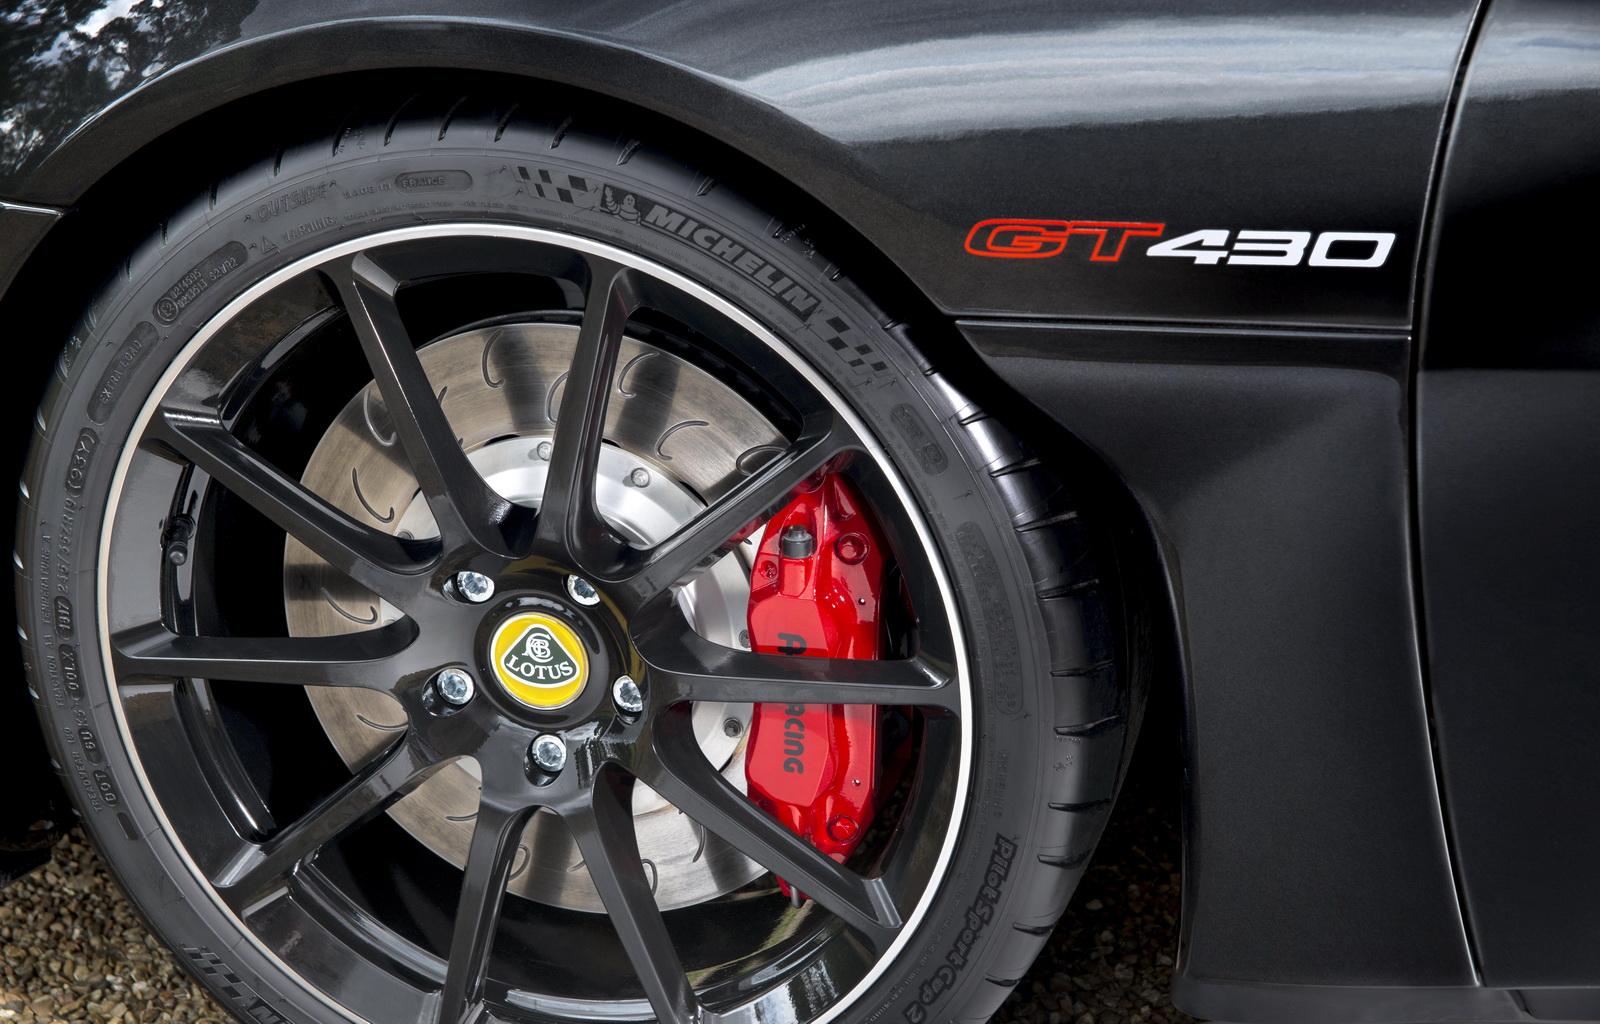 Lotus-Evora-GT430-08